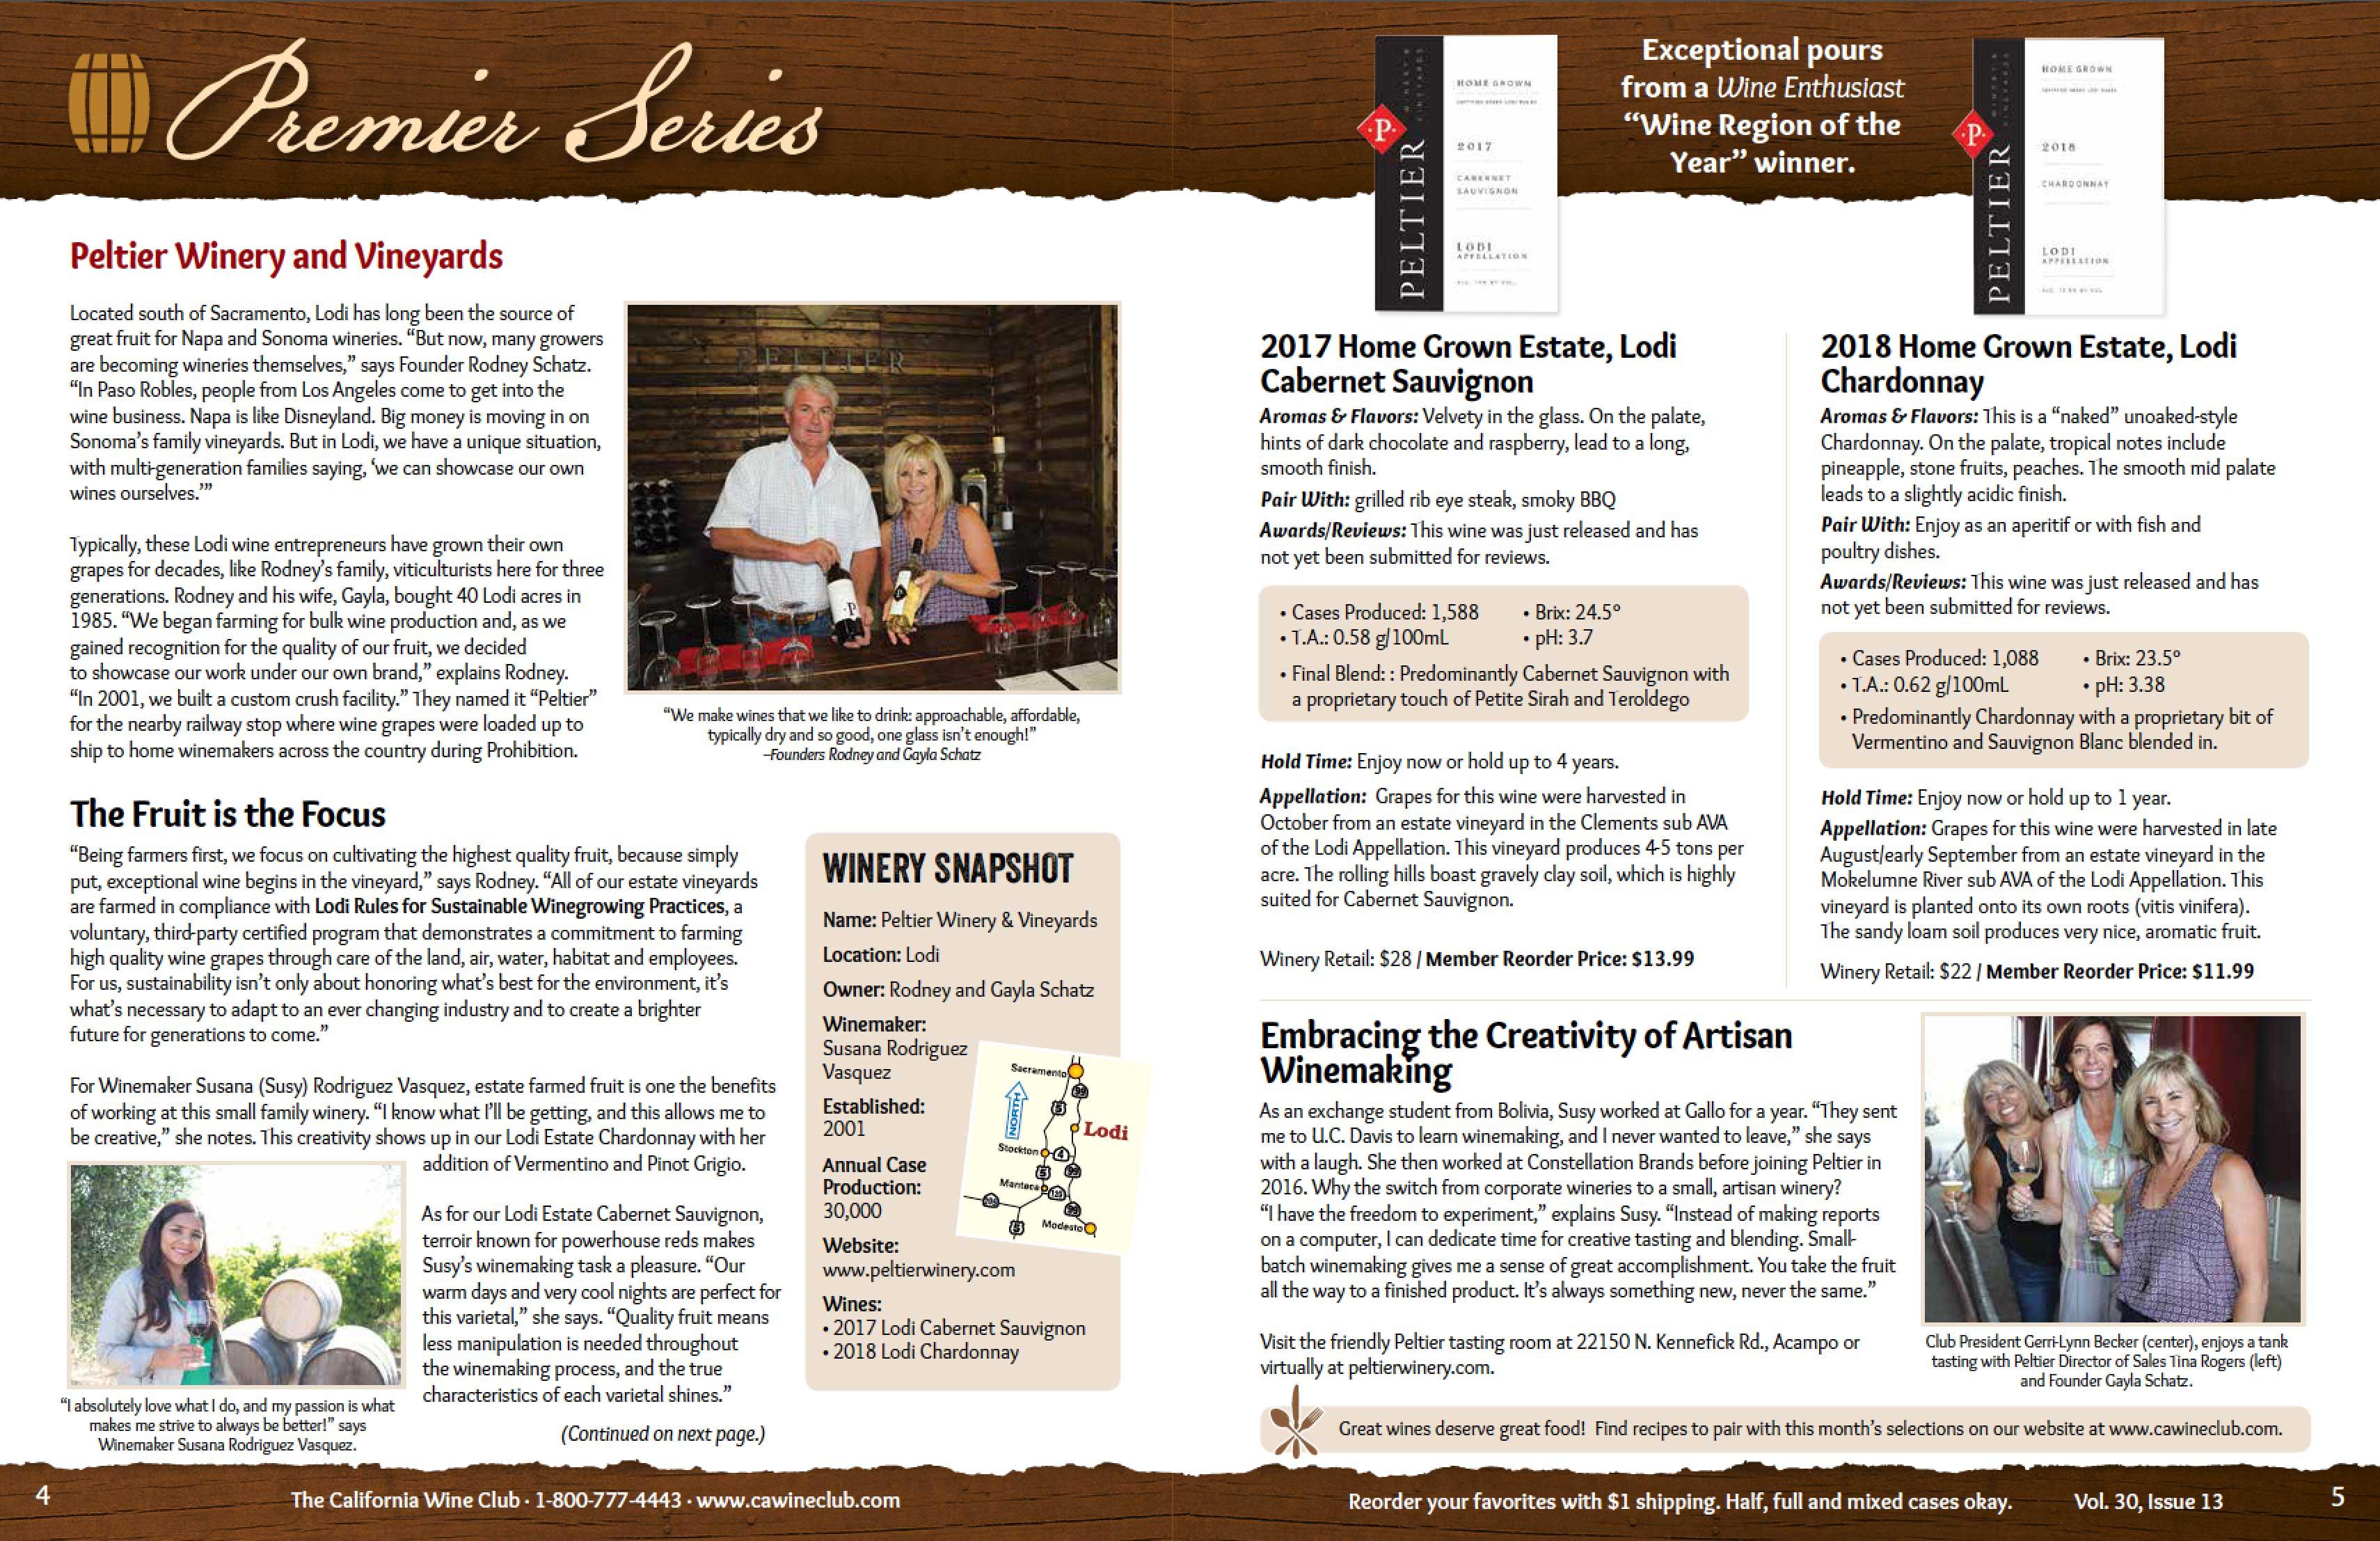 Uncorked wine magazine